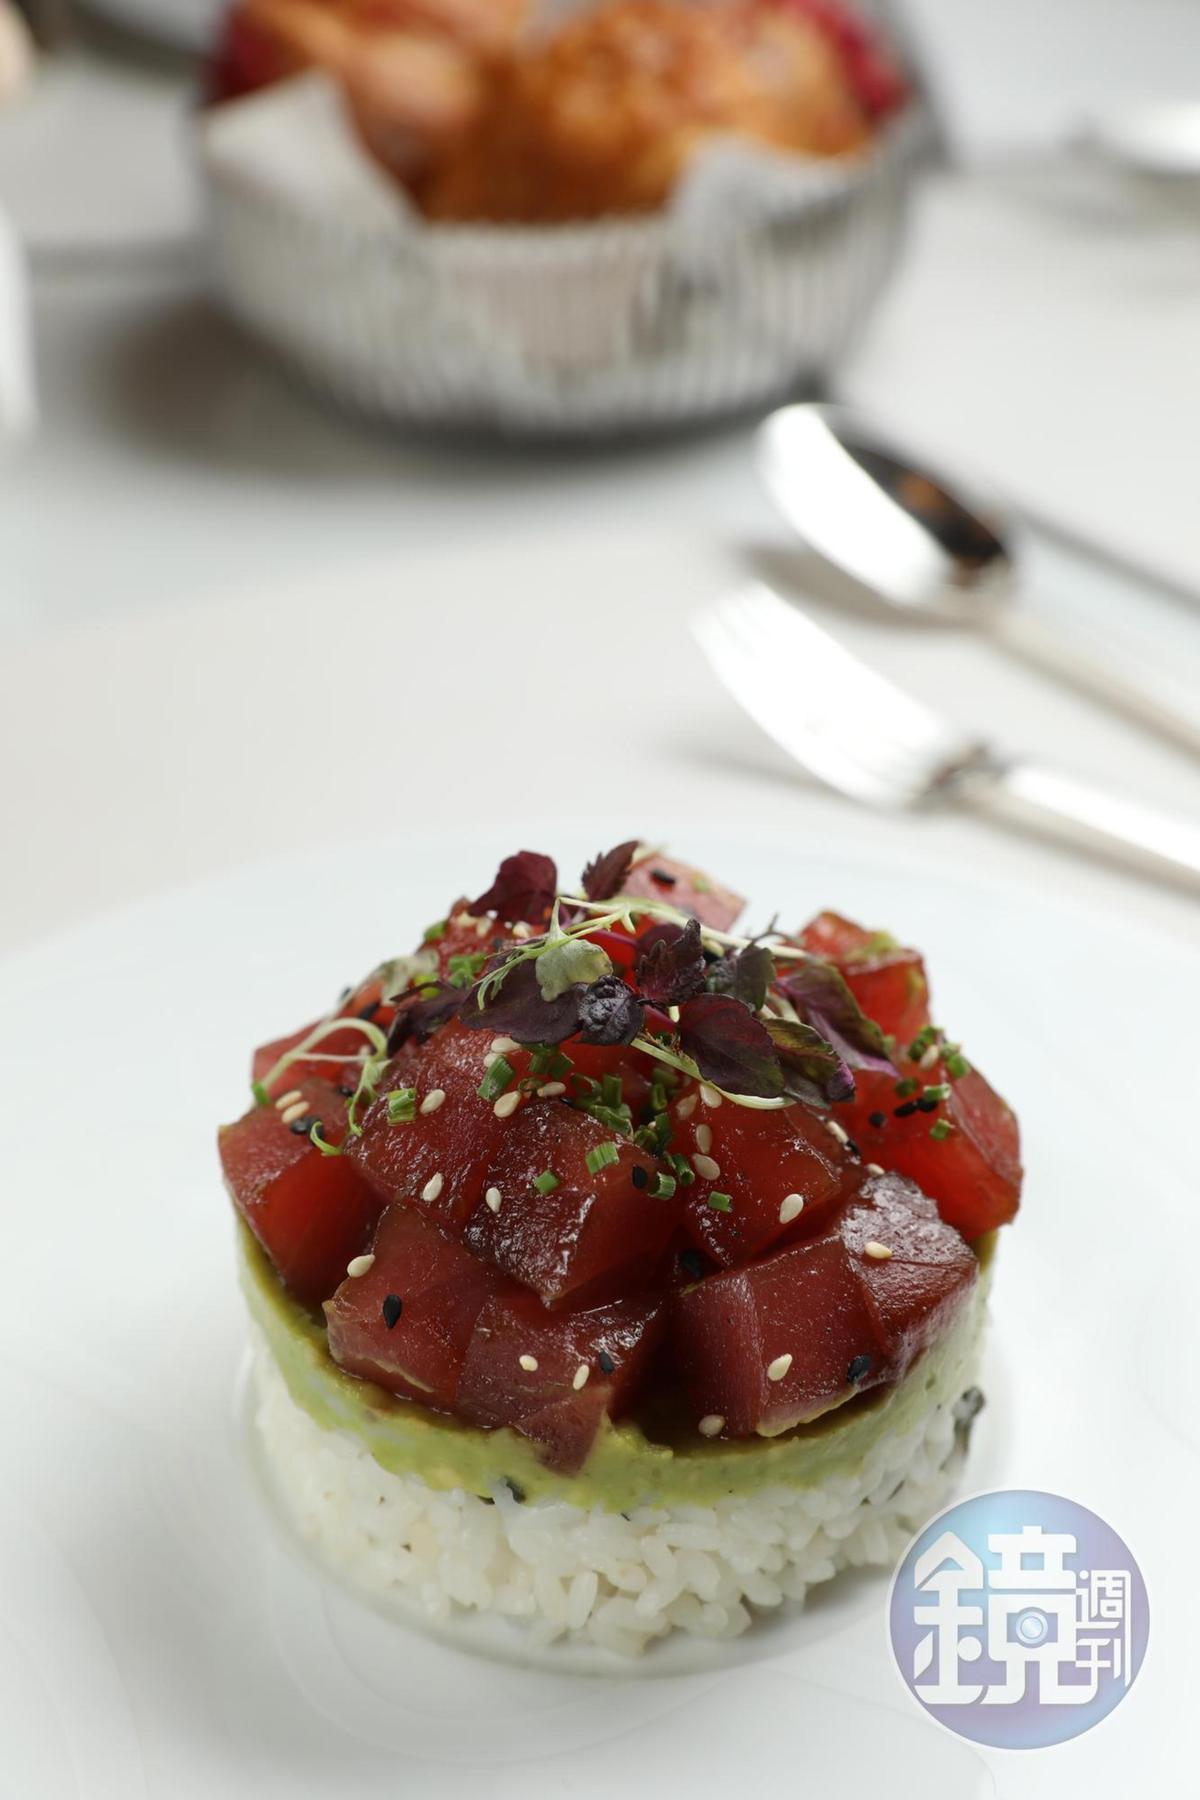 在略微醃漬的鮪魚塊與日本米飯之間,夾入一層酪梨果泥的「鮪魚丼」,是非常清爽的午餐選擇。(澳門幣168元/份,約NT$638)